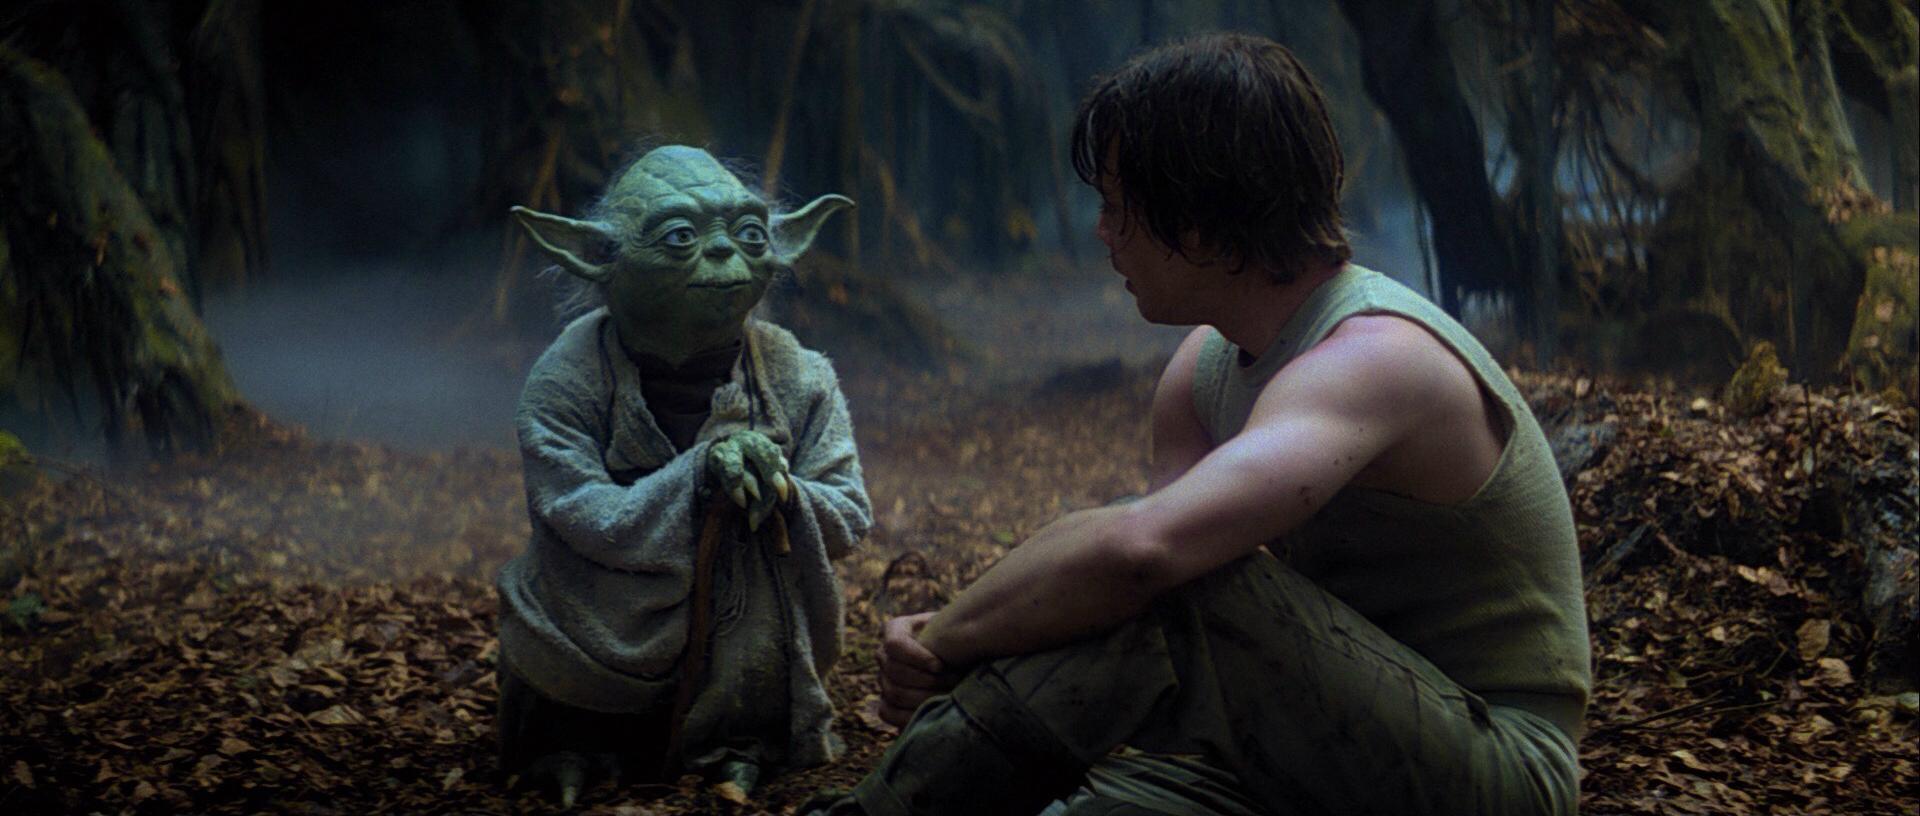 Империя наносит ответный удар Йода Люк Скайуокер